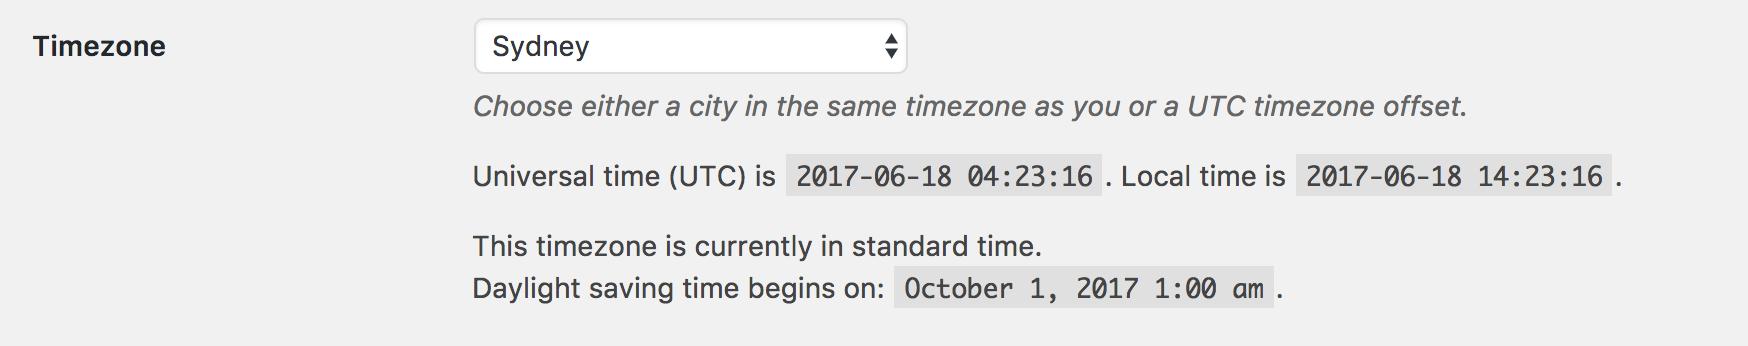 Wordpress SEO Mistake #1 - Time Zone